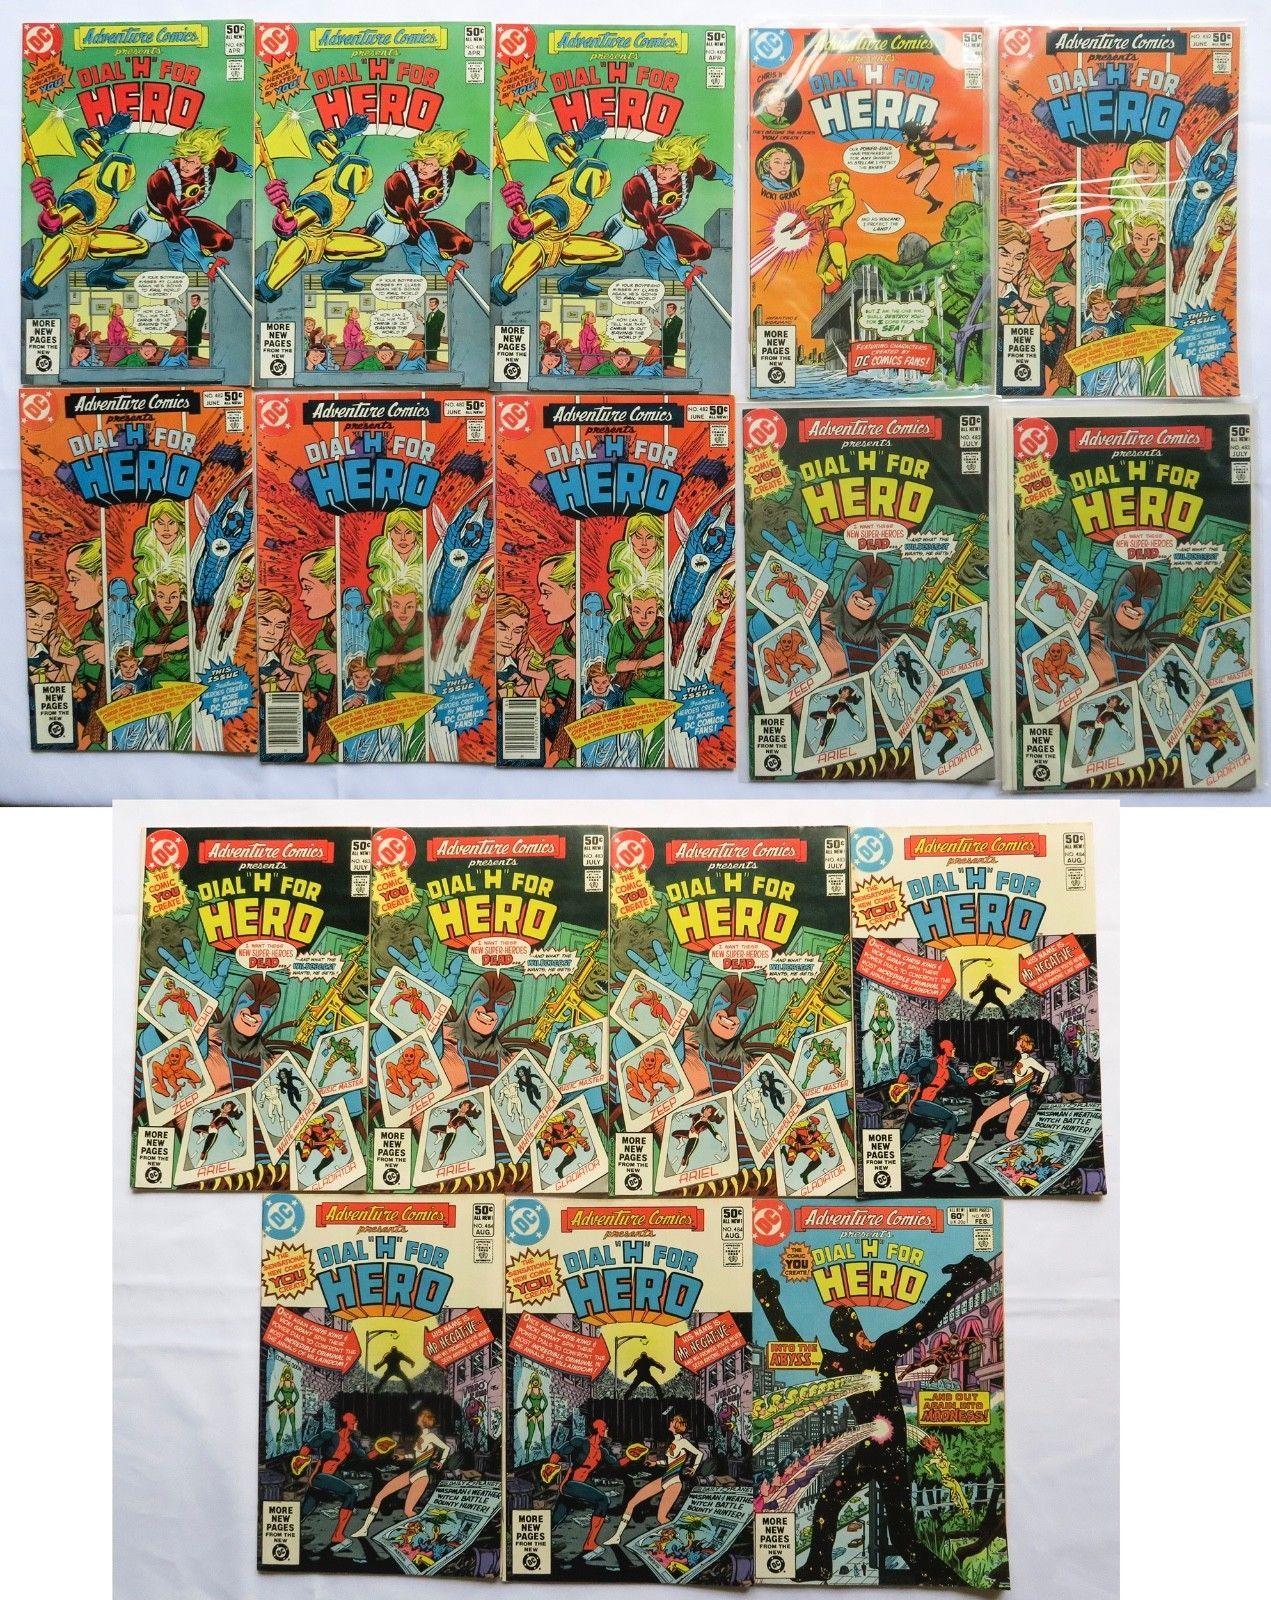 Adventure Comics Presents Dial H For Hero Dc Comics Comic